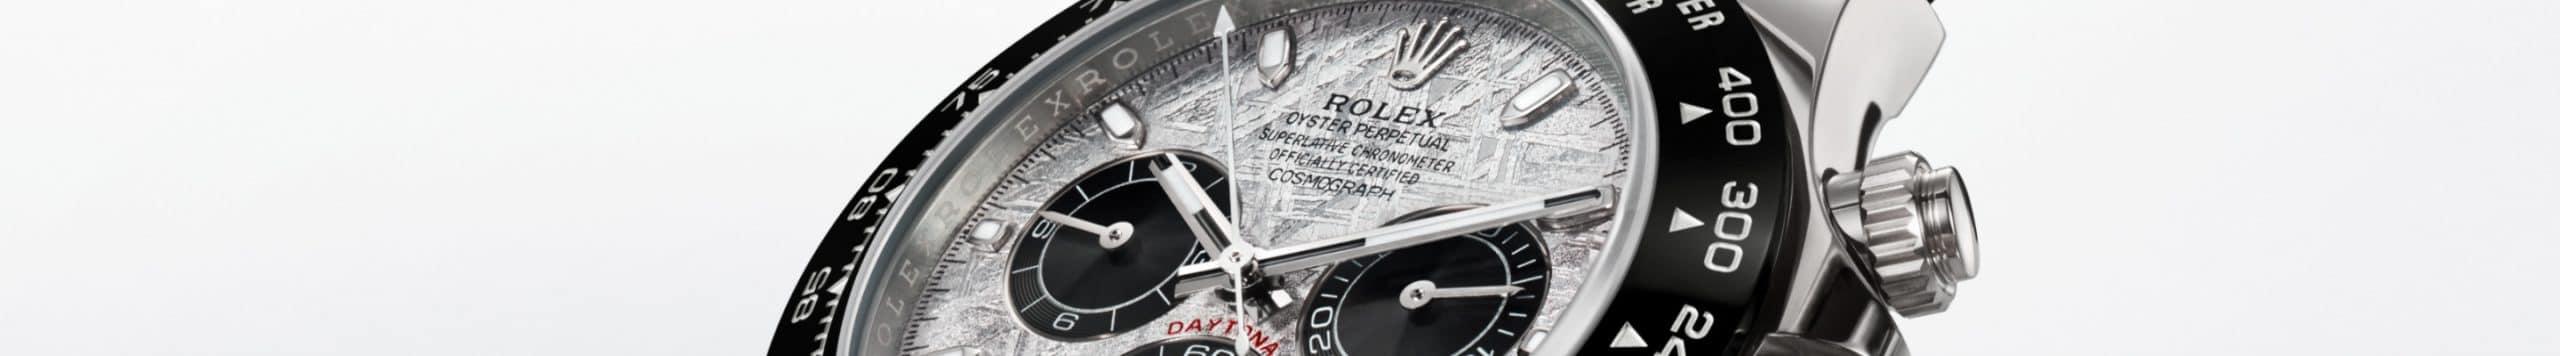 Guides de l'utilisateur ROLEX COSMOGRAPH DAYTONA